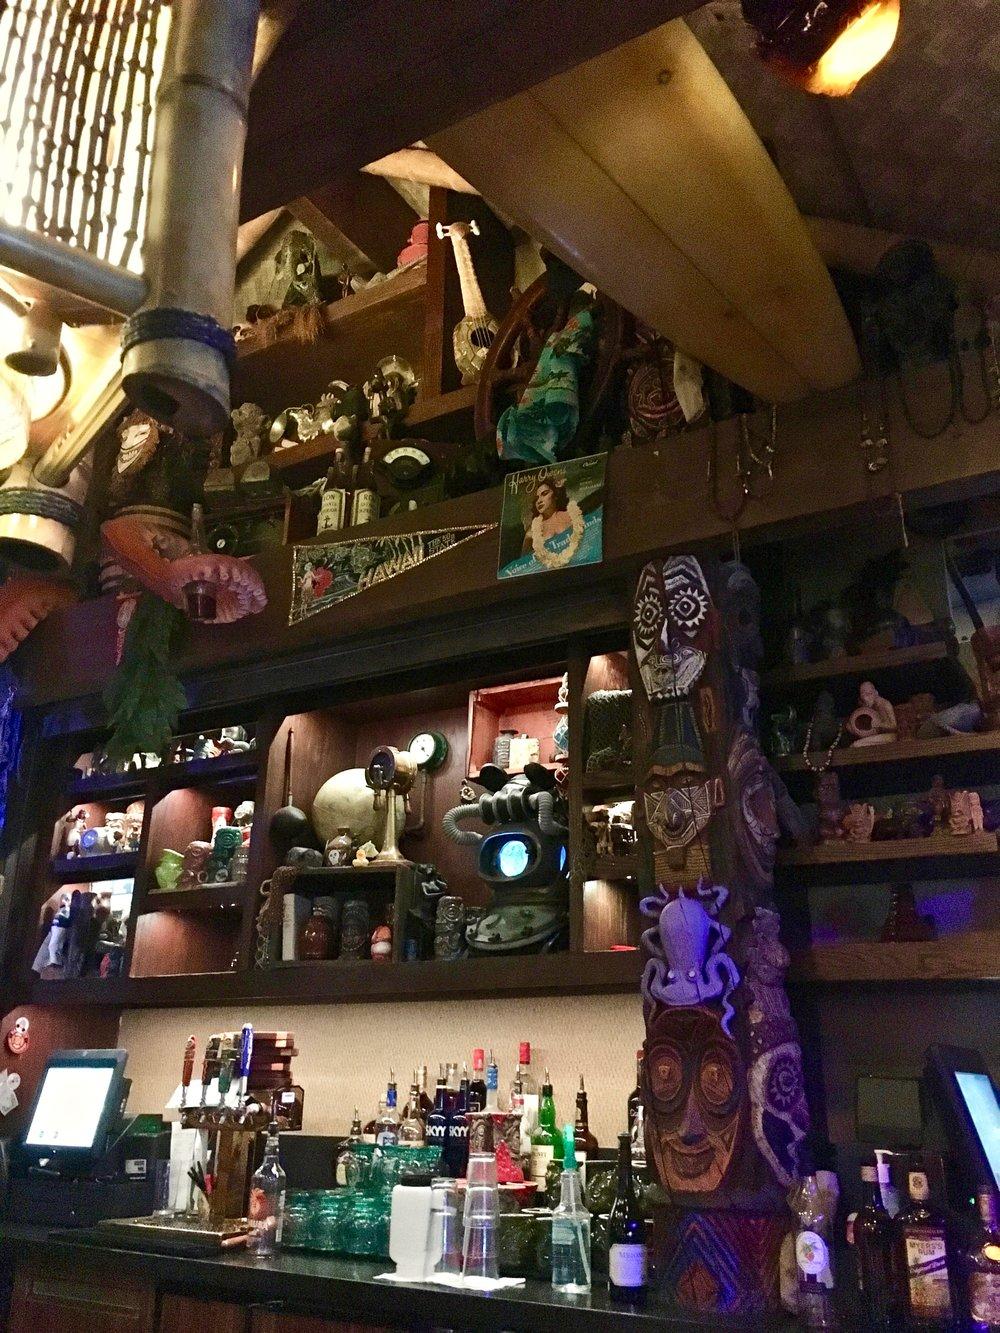 trader-sams-grog-grotto-tiki-bar.jpg